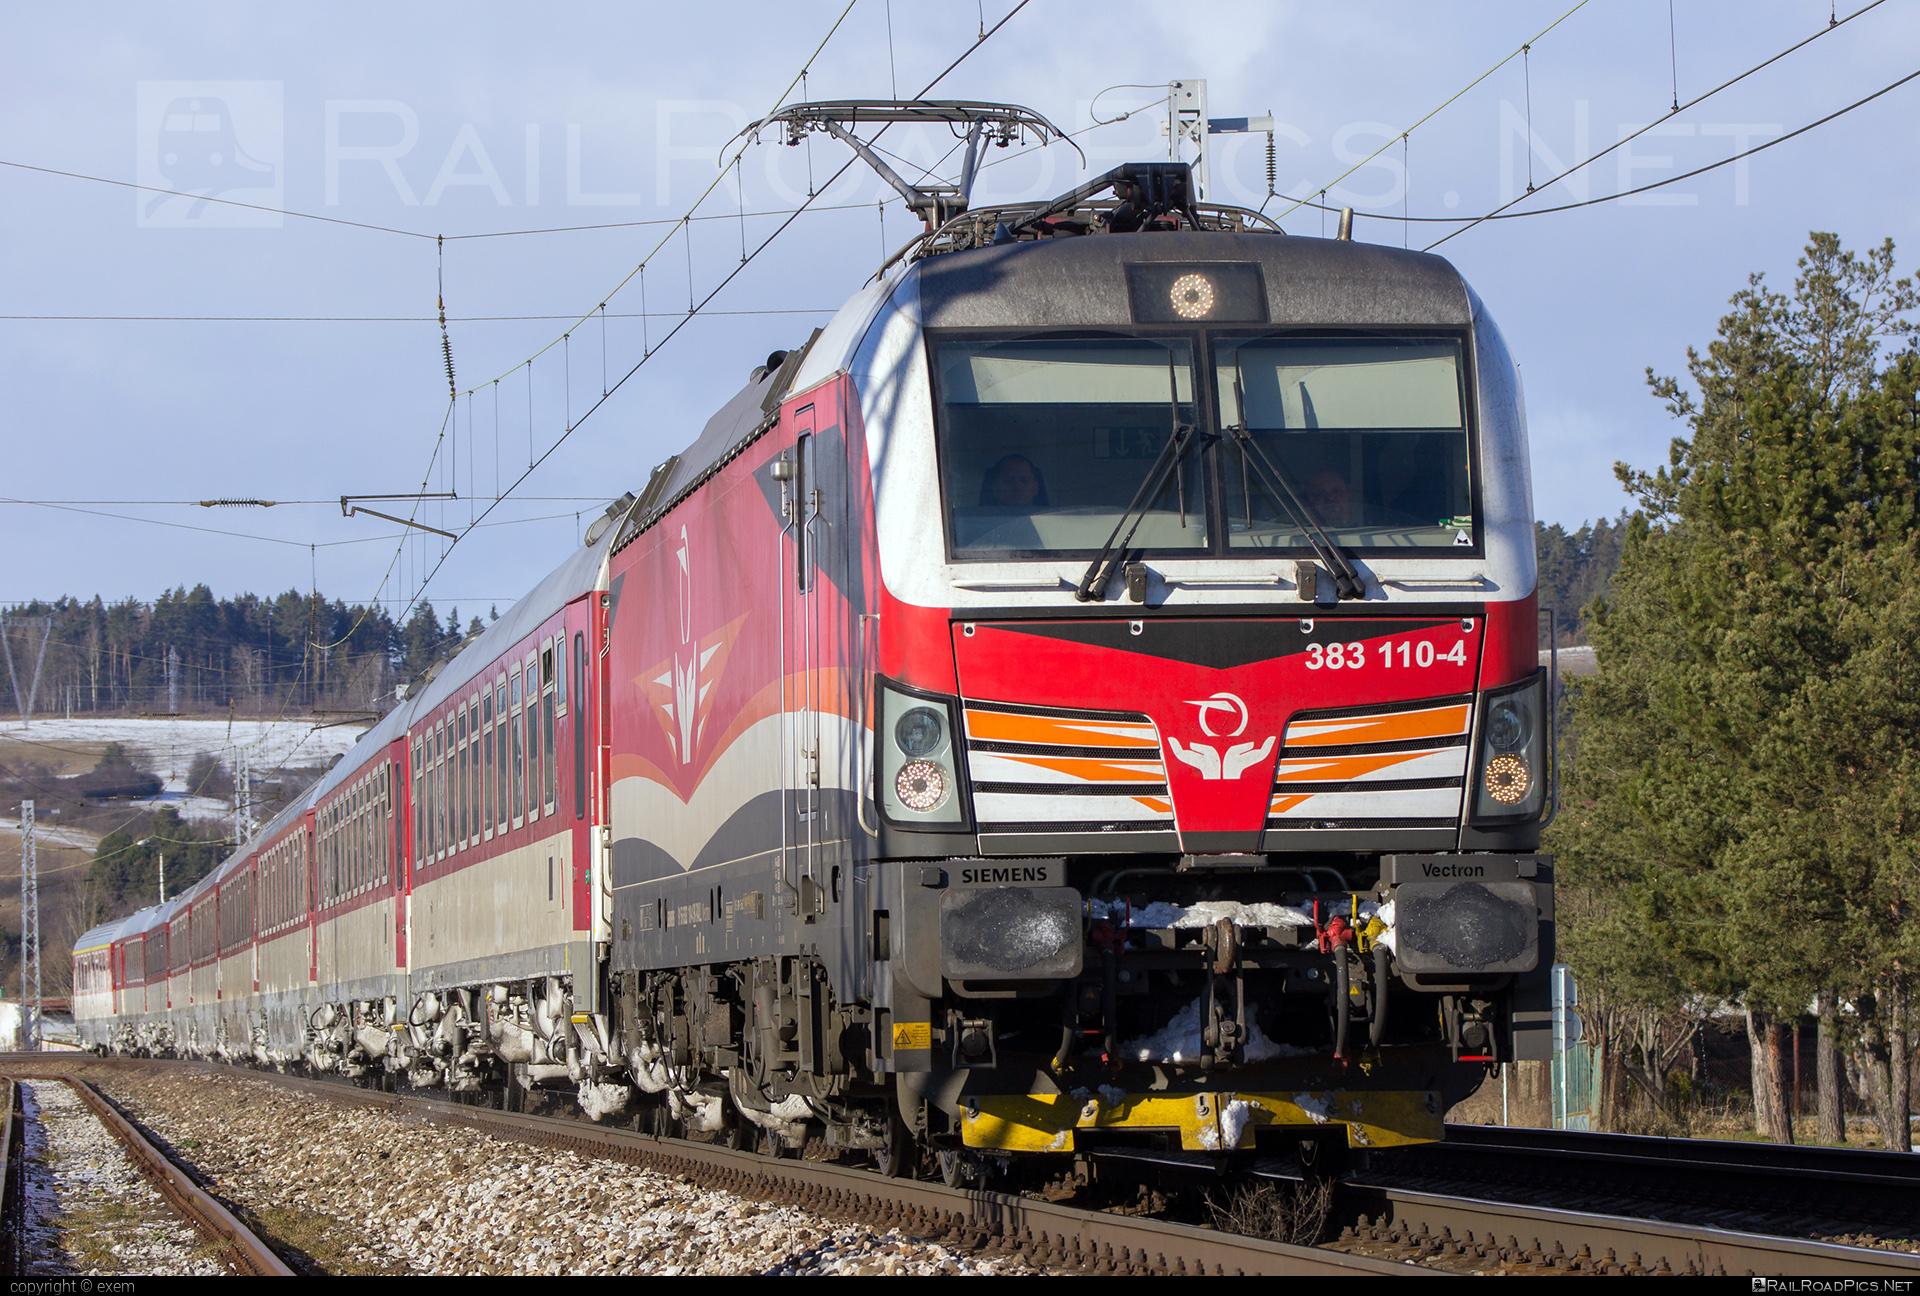 Siemens Vectron MS - 383 110-4 operated by Železničná Spoločnost' Slovensko, a.s. #RollingStockLease #RollingStockLeaseSro #ZeleznicnaSpolocnostSlovensko #raill #siemens #siemensvectron #siemensvectronms #vectron #vectronms #zssk